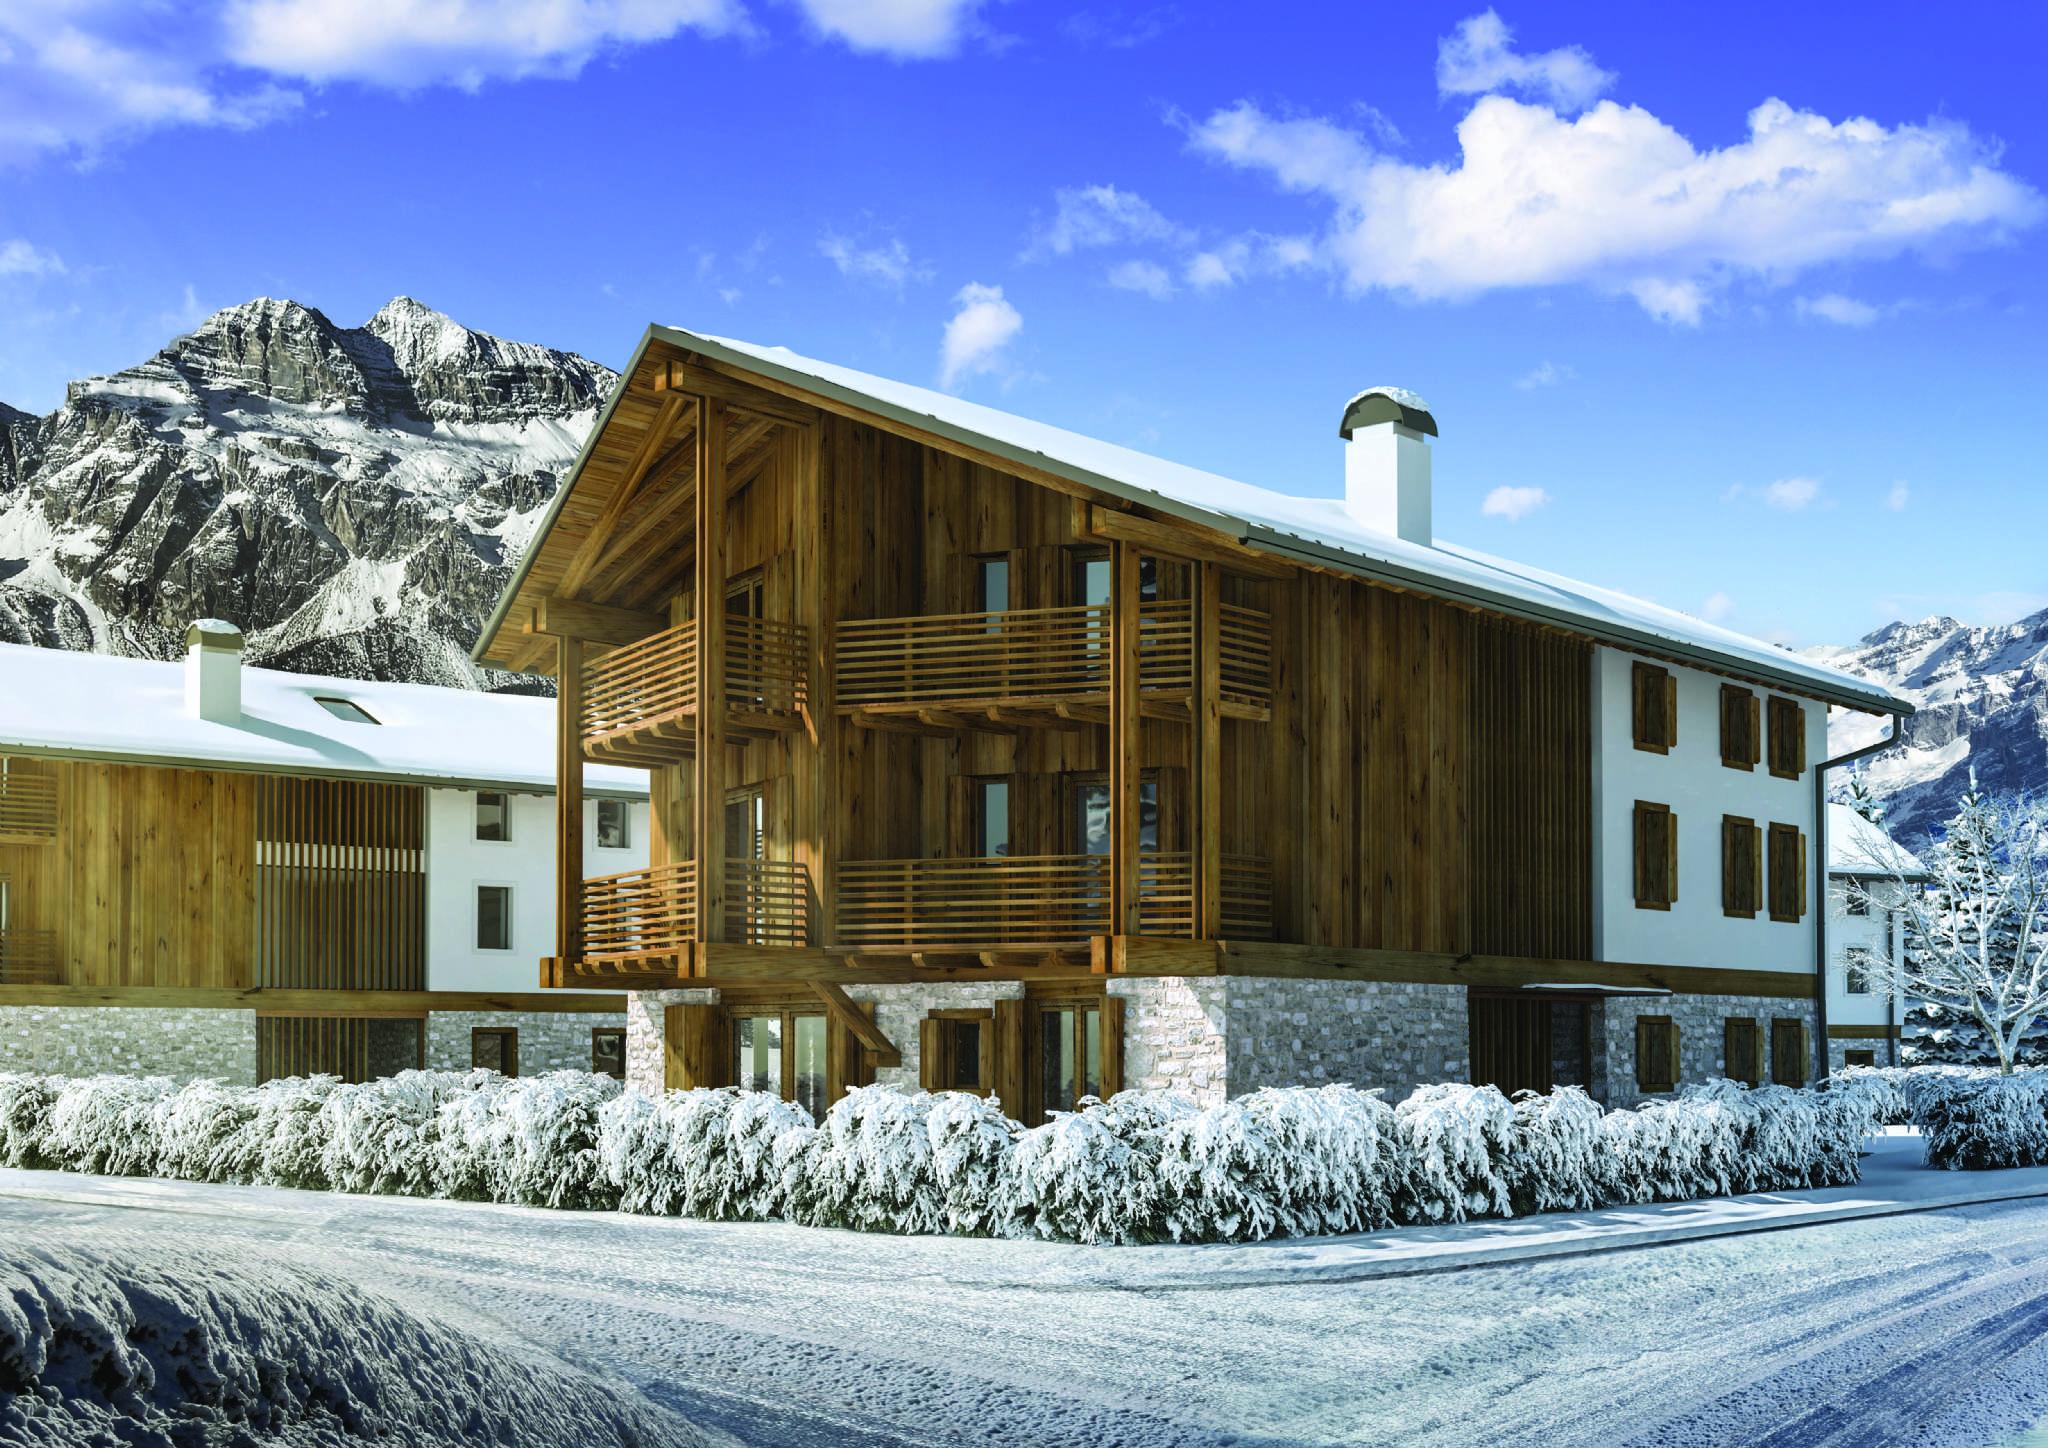 Appartamento 6 locali in vendita a Cortina d'Ampezzo (BL)